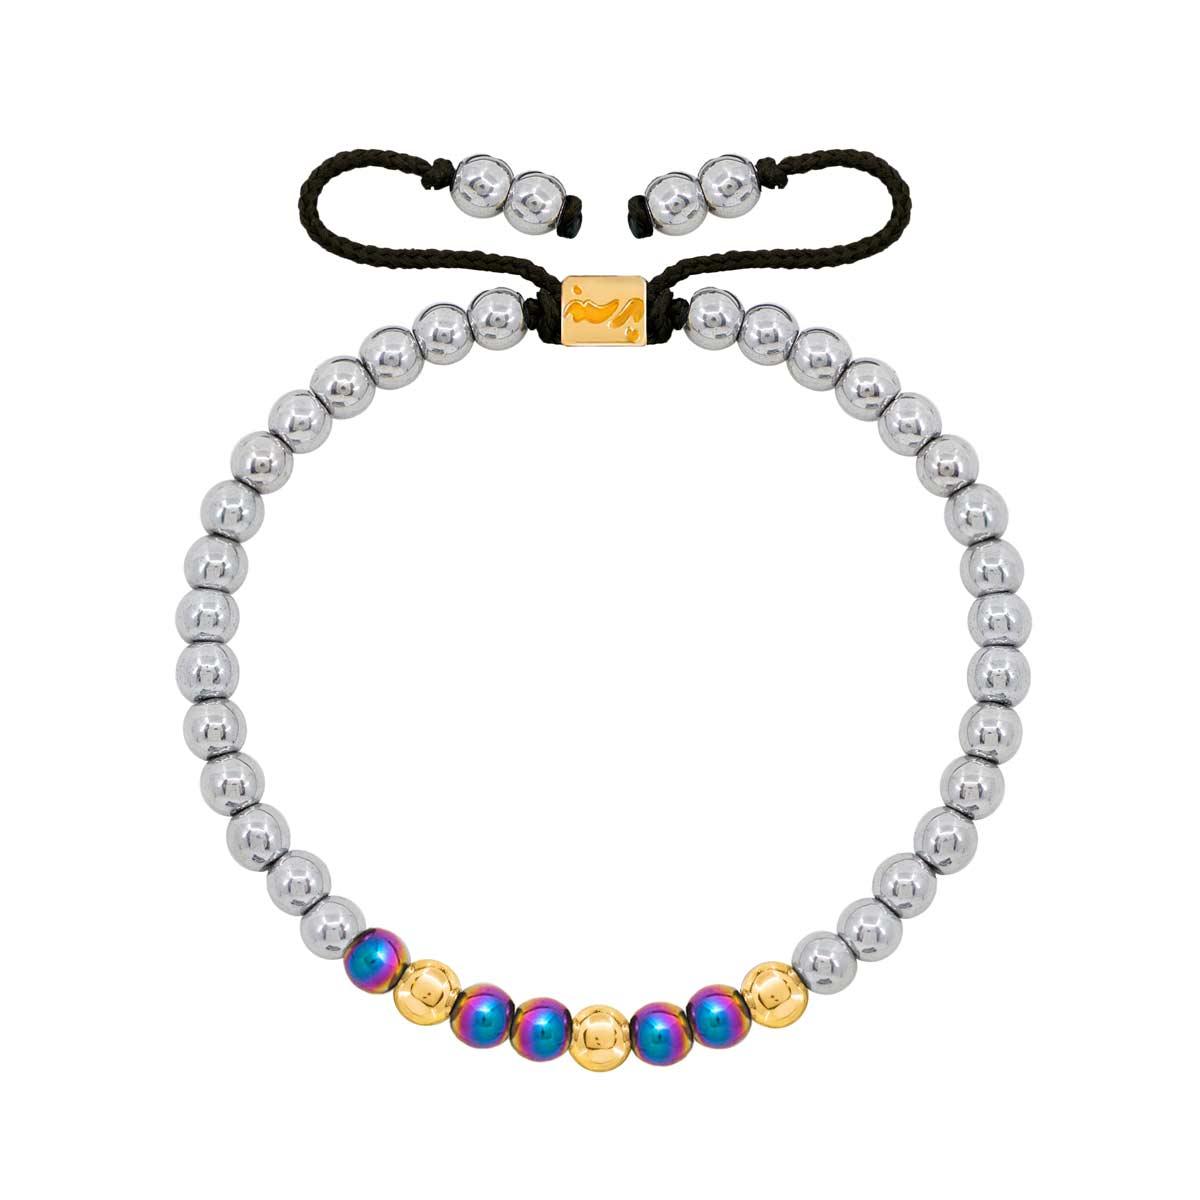 دستبند طلا سنگی سه گوی حدید روشن و رنگی